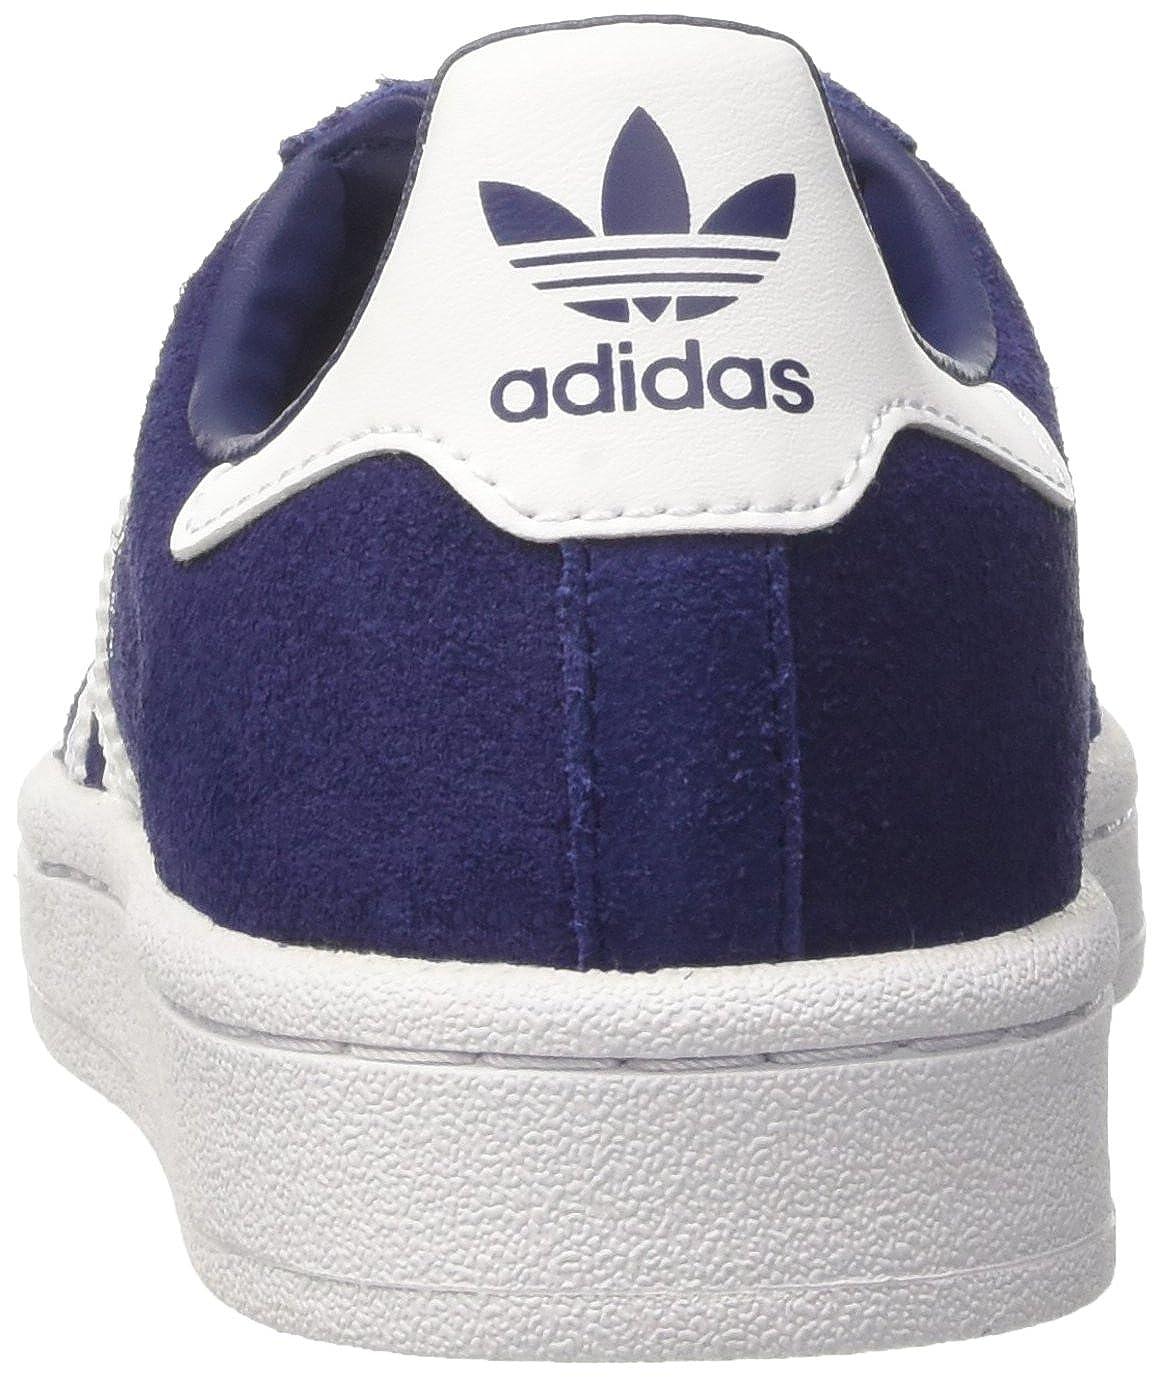 c4ed9b853060 adidas Unisex Kids  Campus Trainers  Amazon.co.uk  Shoes   Bags